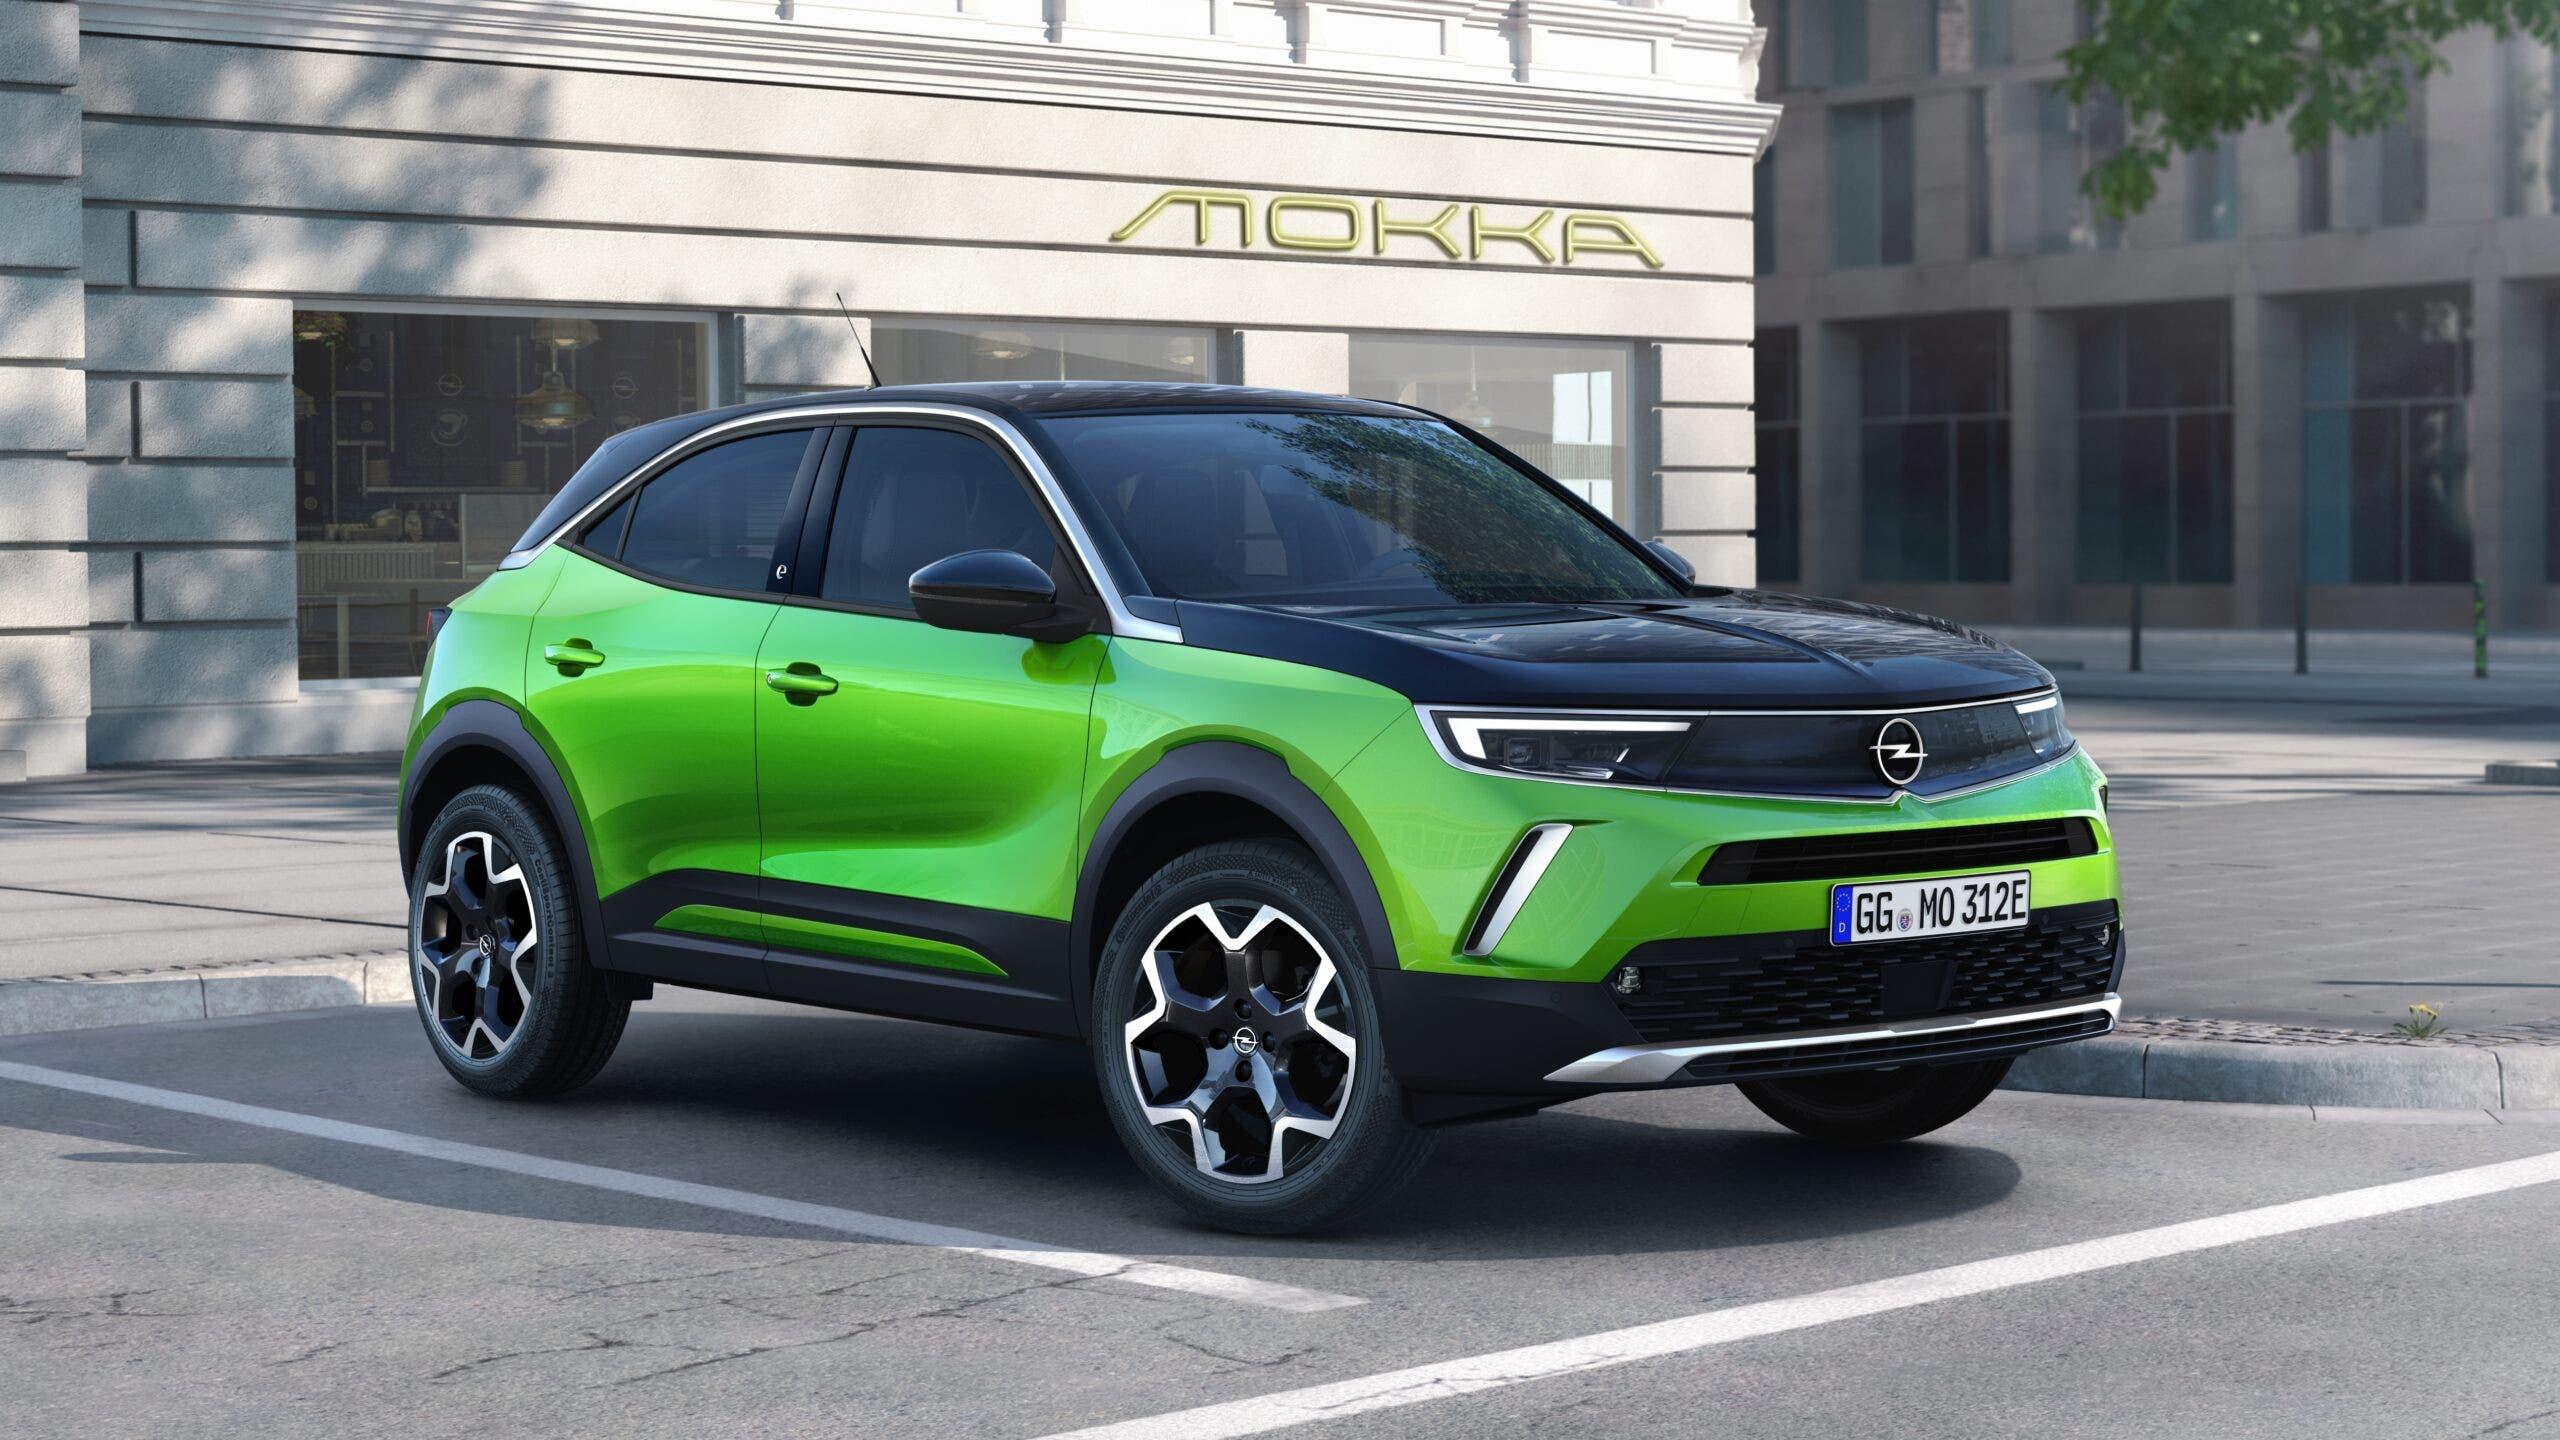 Nuovo Opel Mokka design